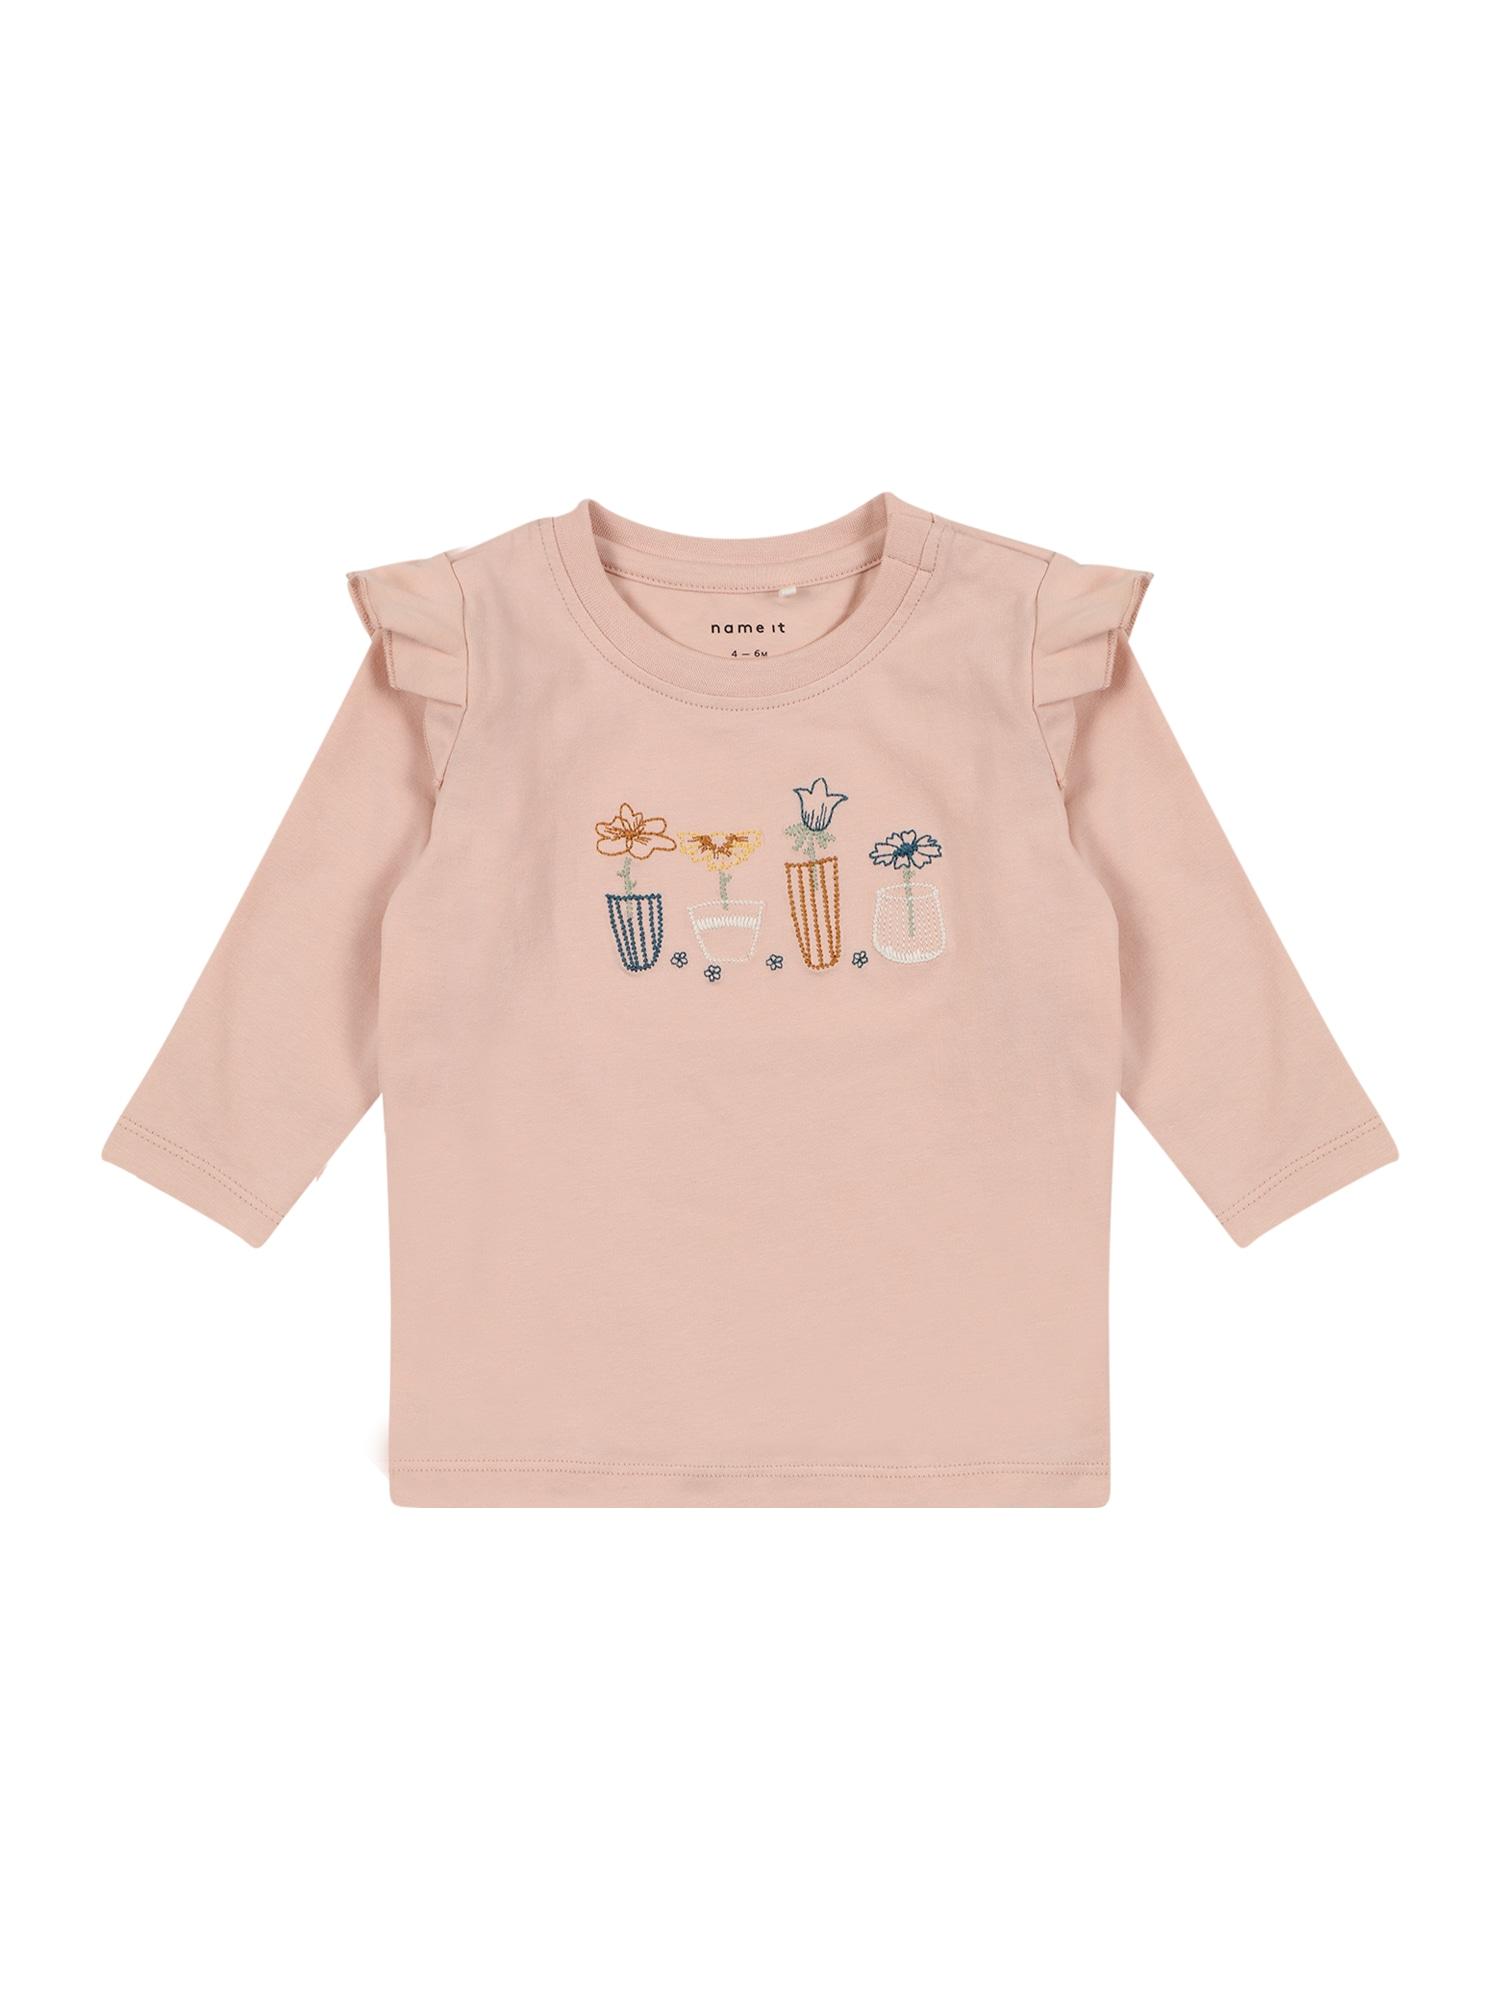 NAME IT Marškinėliai 'DONNA' ryškiai rožinė spalva / balta / medaus spalva / violetinė-mėlyna / žaliosios citrinos spalva